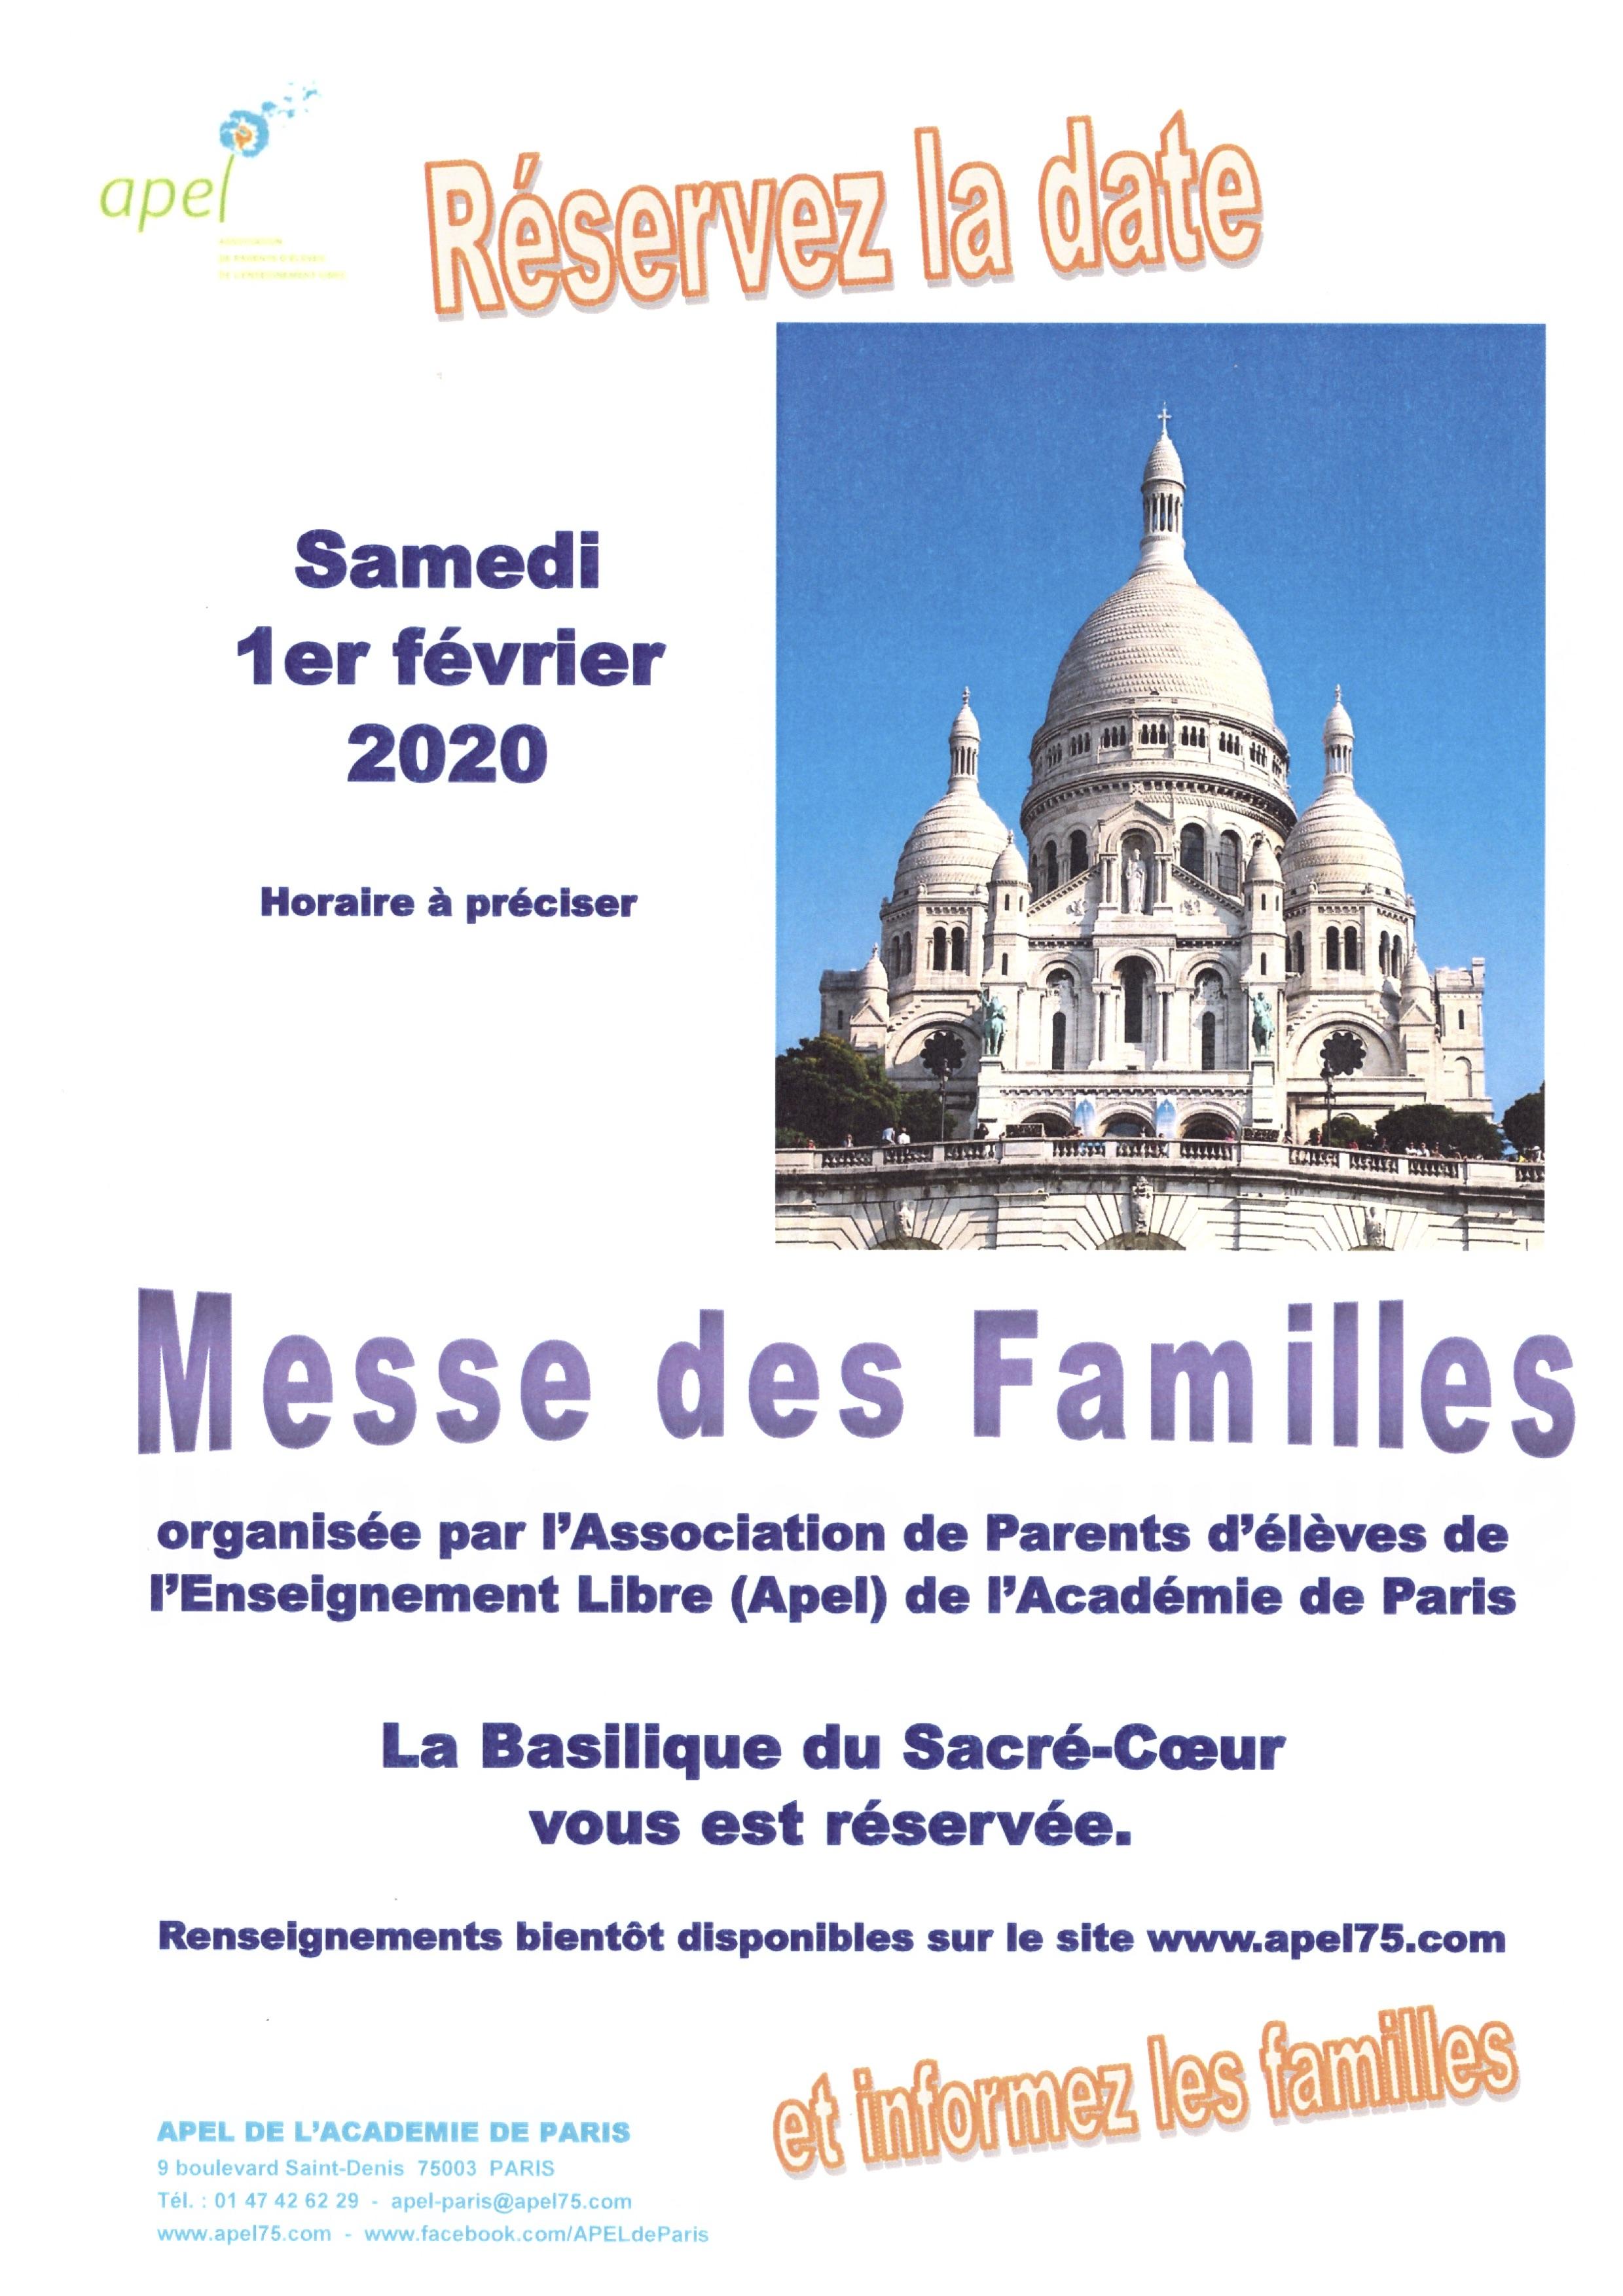 Messe des Familles | Sacré-Coeur | 1er février 2020